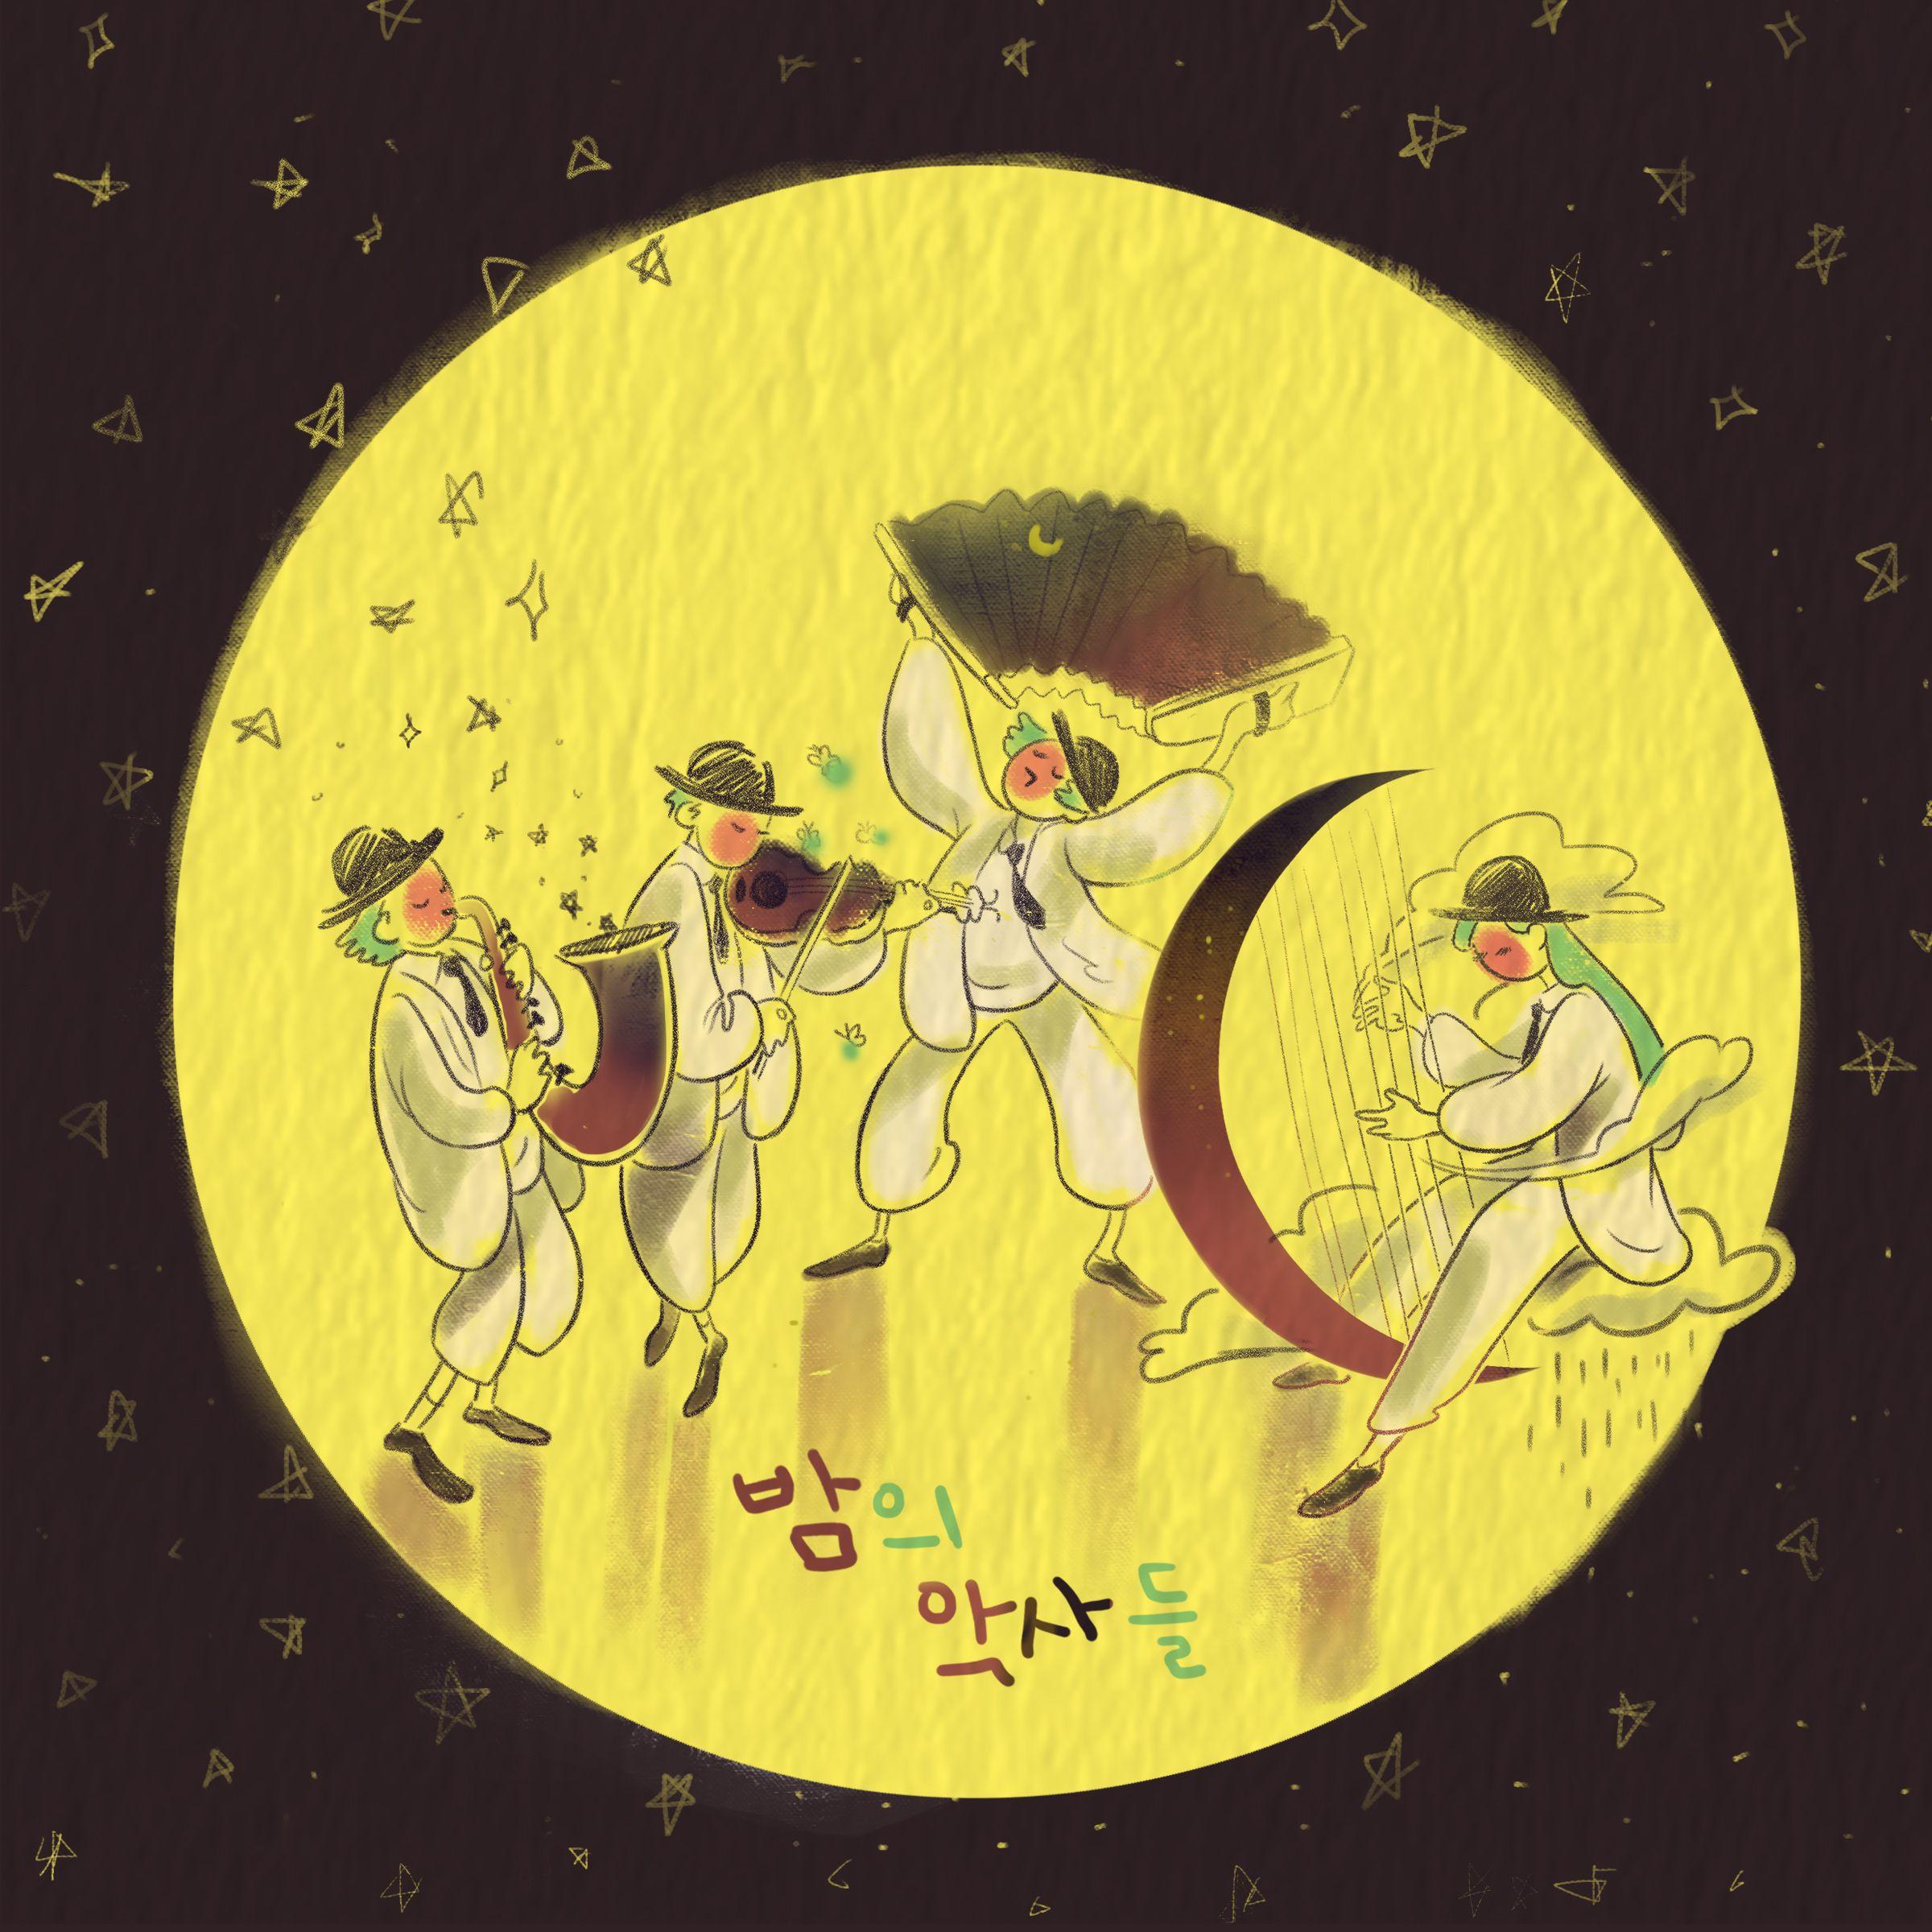 Han_su_artwork4 밤의 악사  a midnight musician